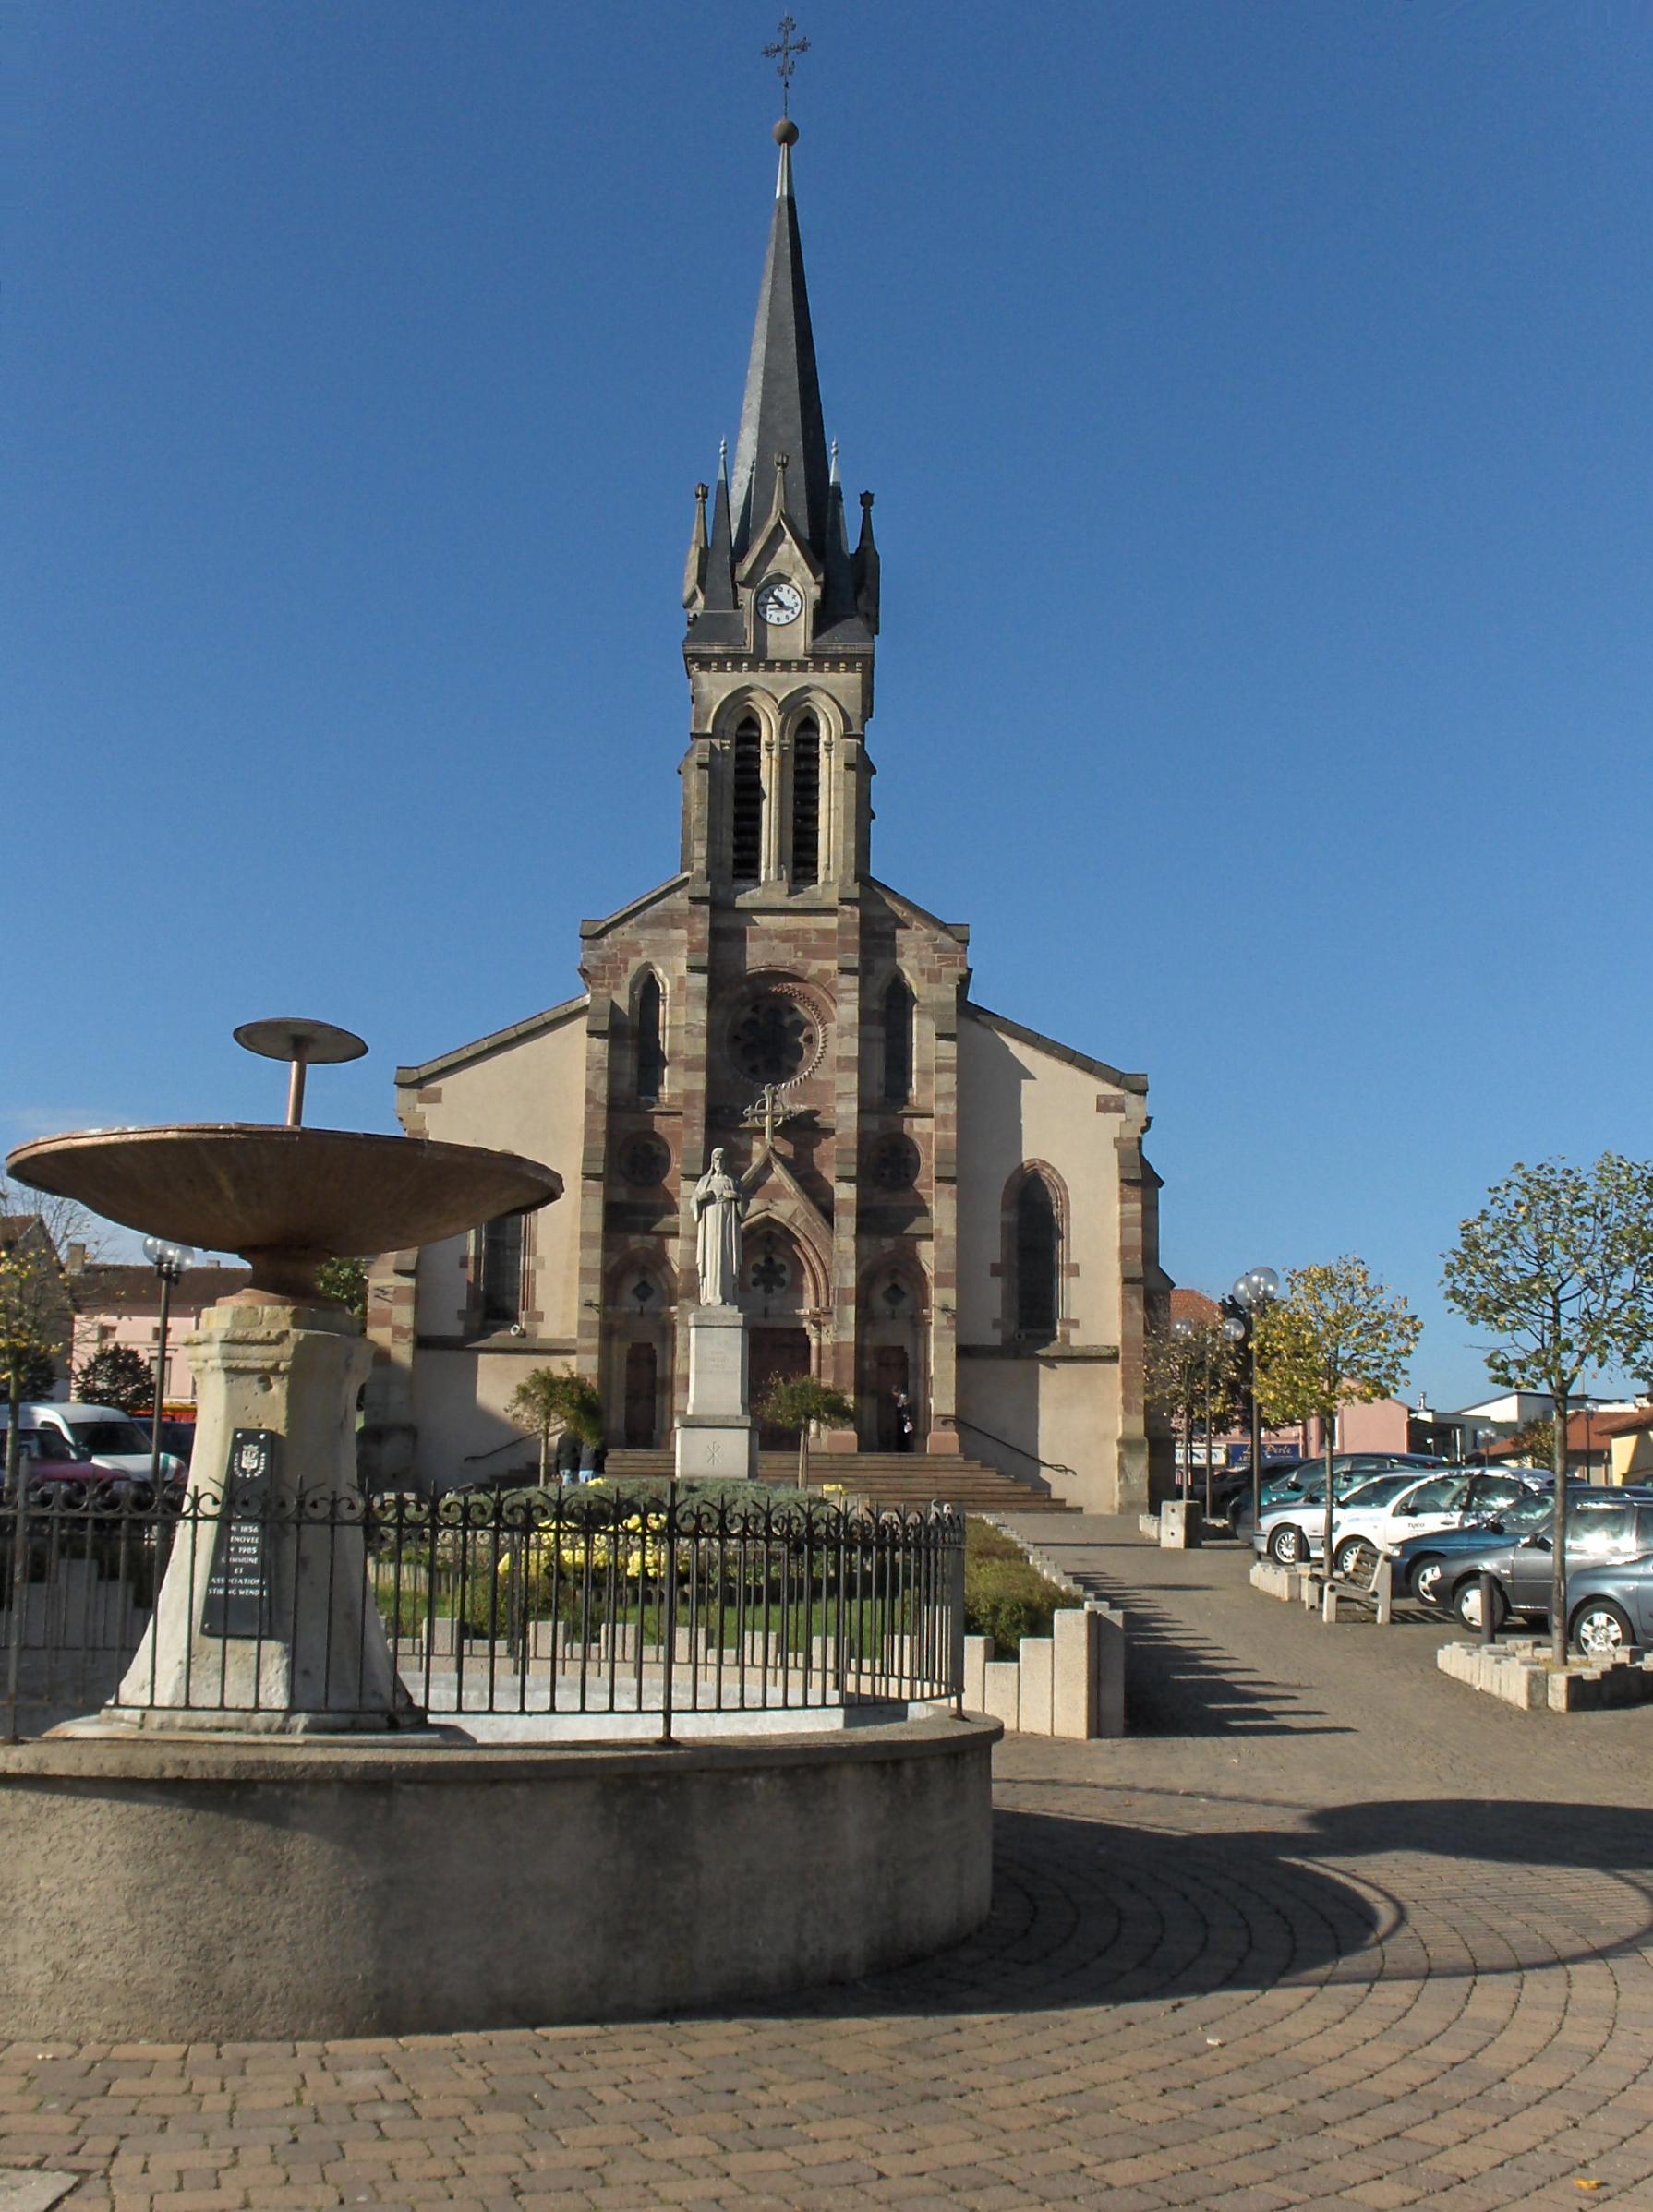 Paroisse Saint François dans Adresses utiles Eglise_saint_fran%C3%A7ois_Stiring-Wendel